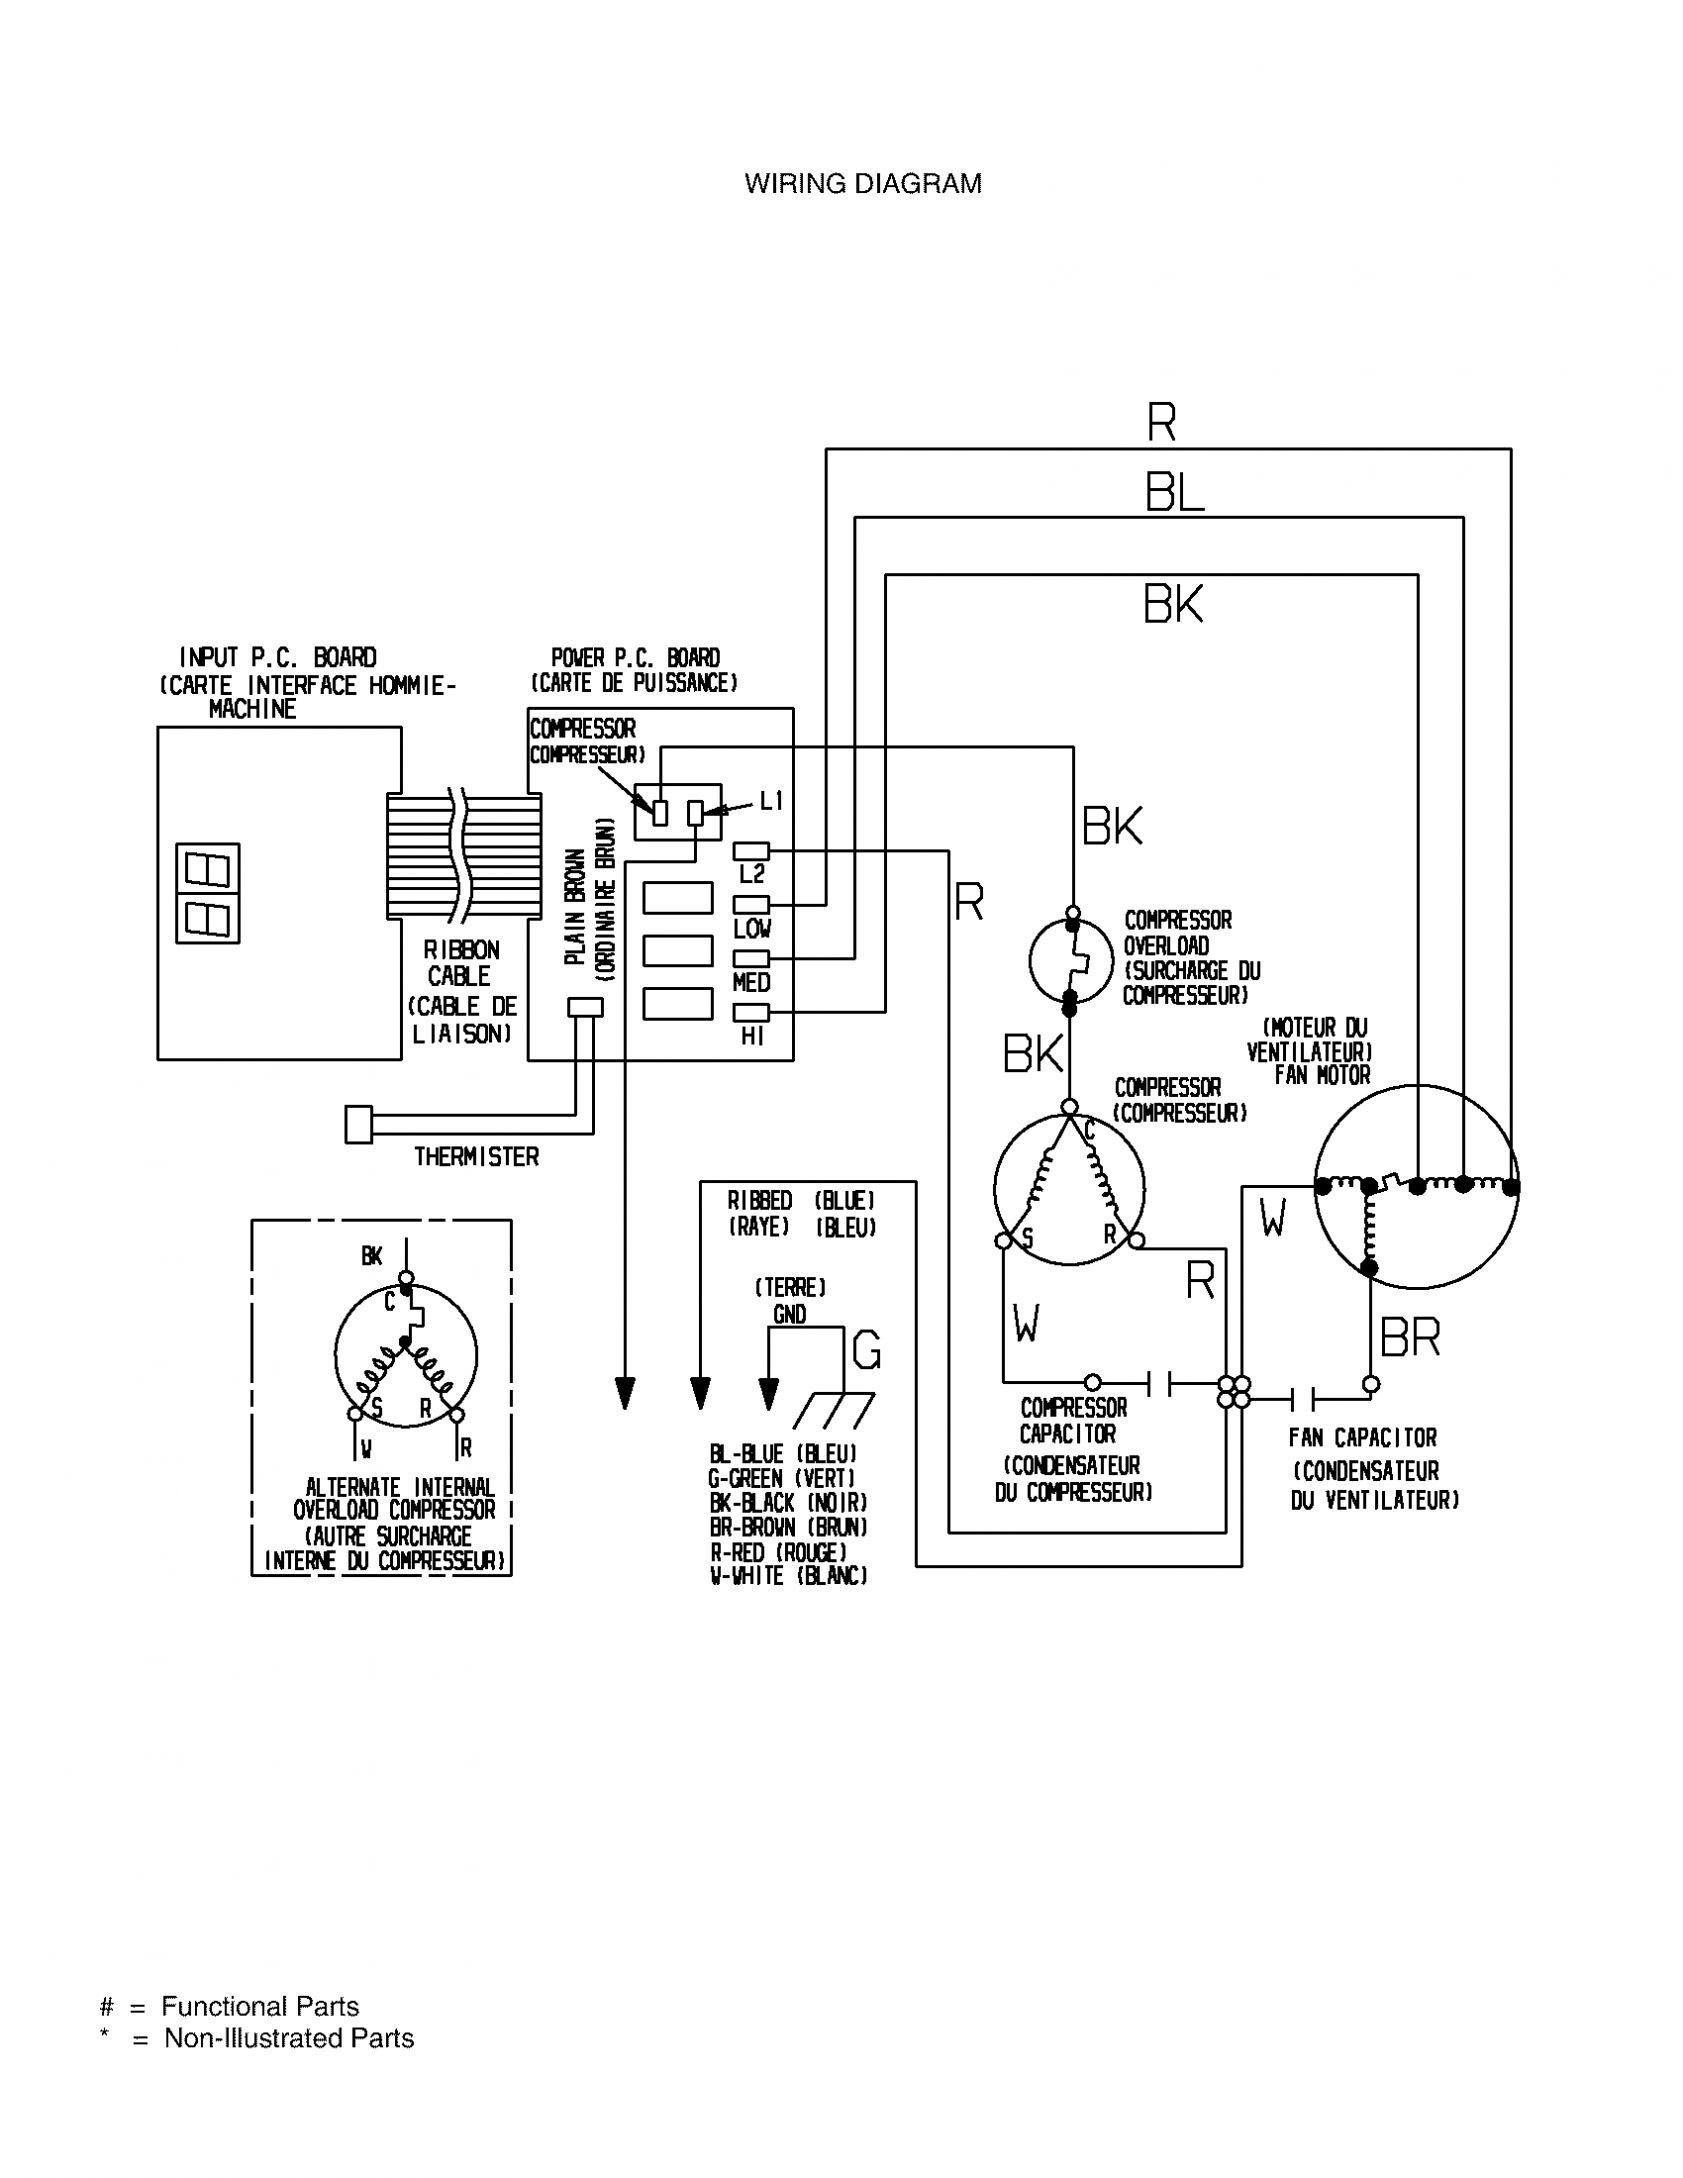 Unique Car Ac Wiring Diagram Diagram Wiringdiagram Diagramming Diagramm Visuals Visualisation Graphic Electrical Wiring Diagram Ac Wiring Diagram Design